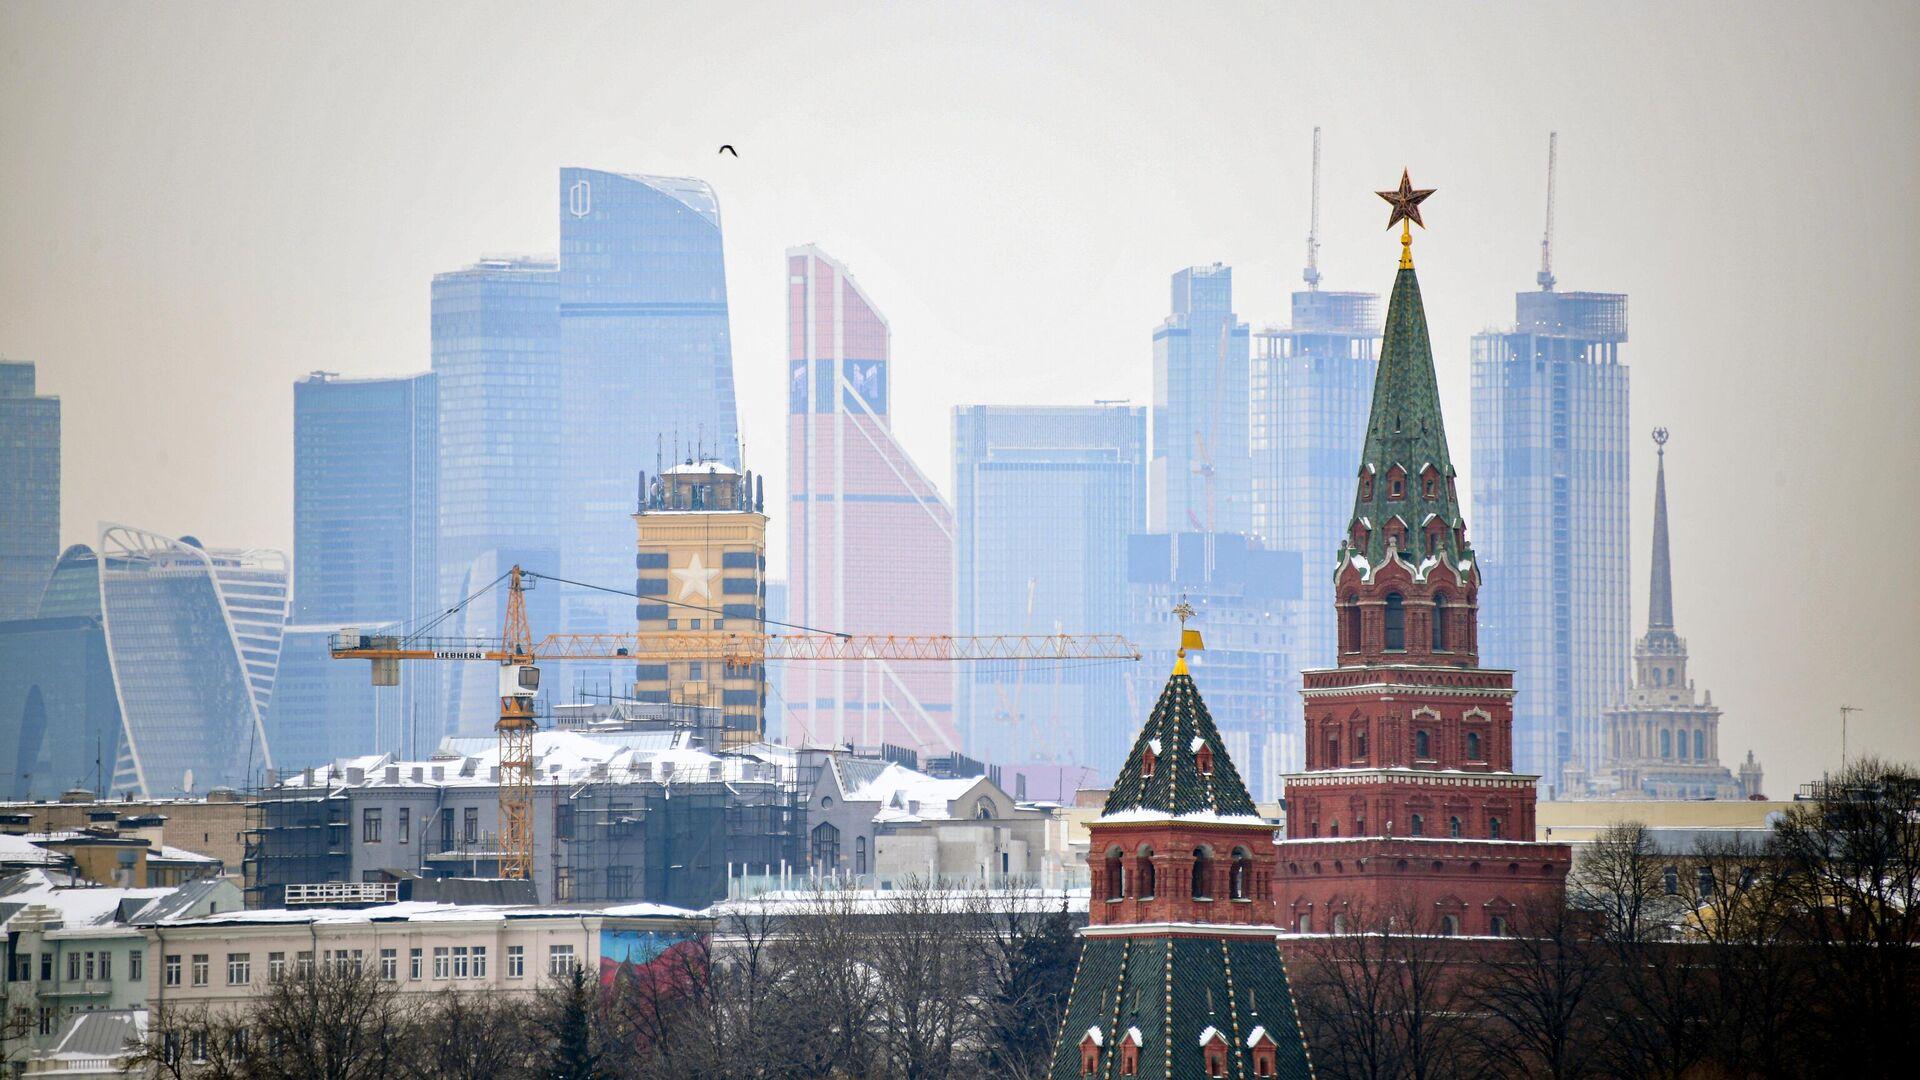 Вид на башни московского Кремля и небоскребы делового центра Москва-сити - РИА Новости, 1920, 16.02.2021